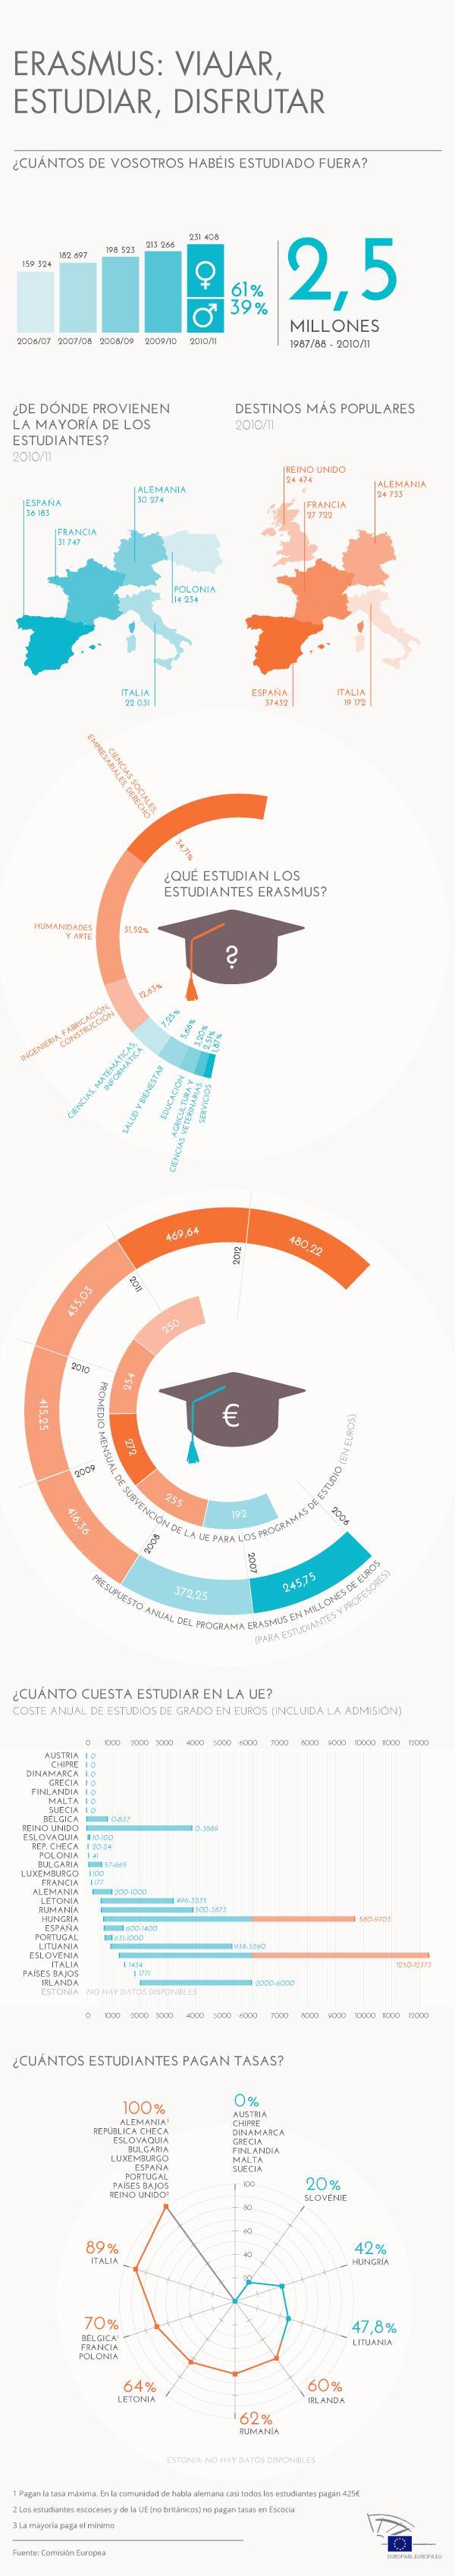 Datos interesantes sobre el programa Erasmus